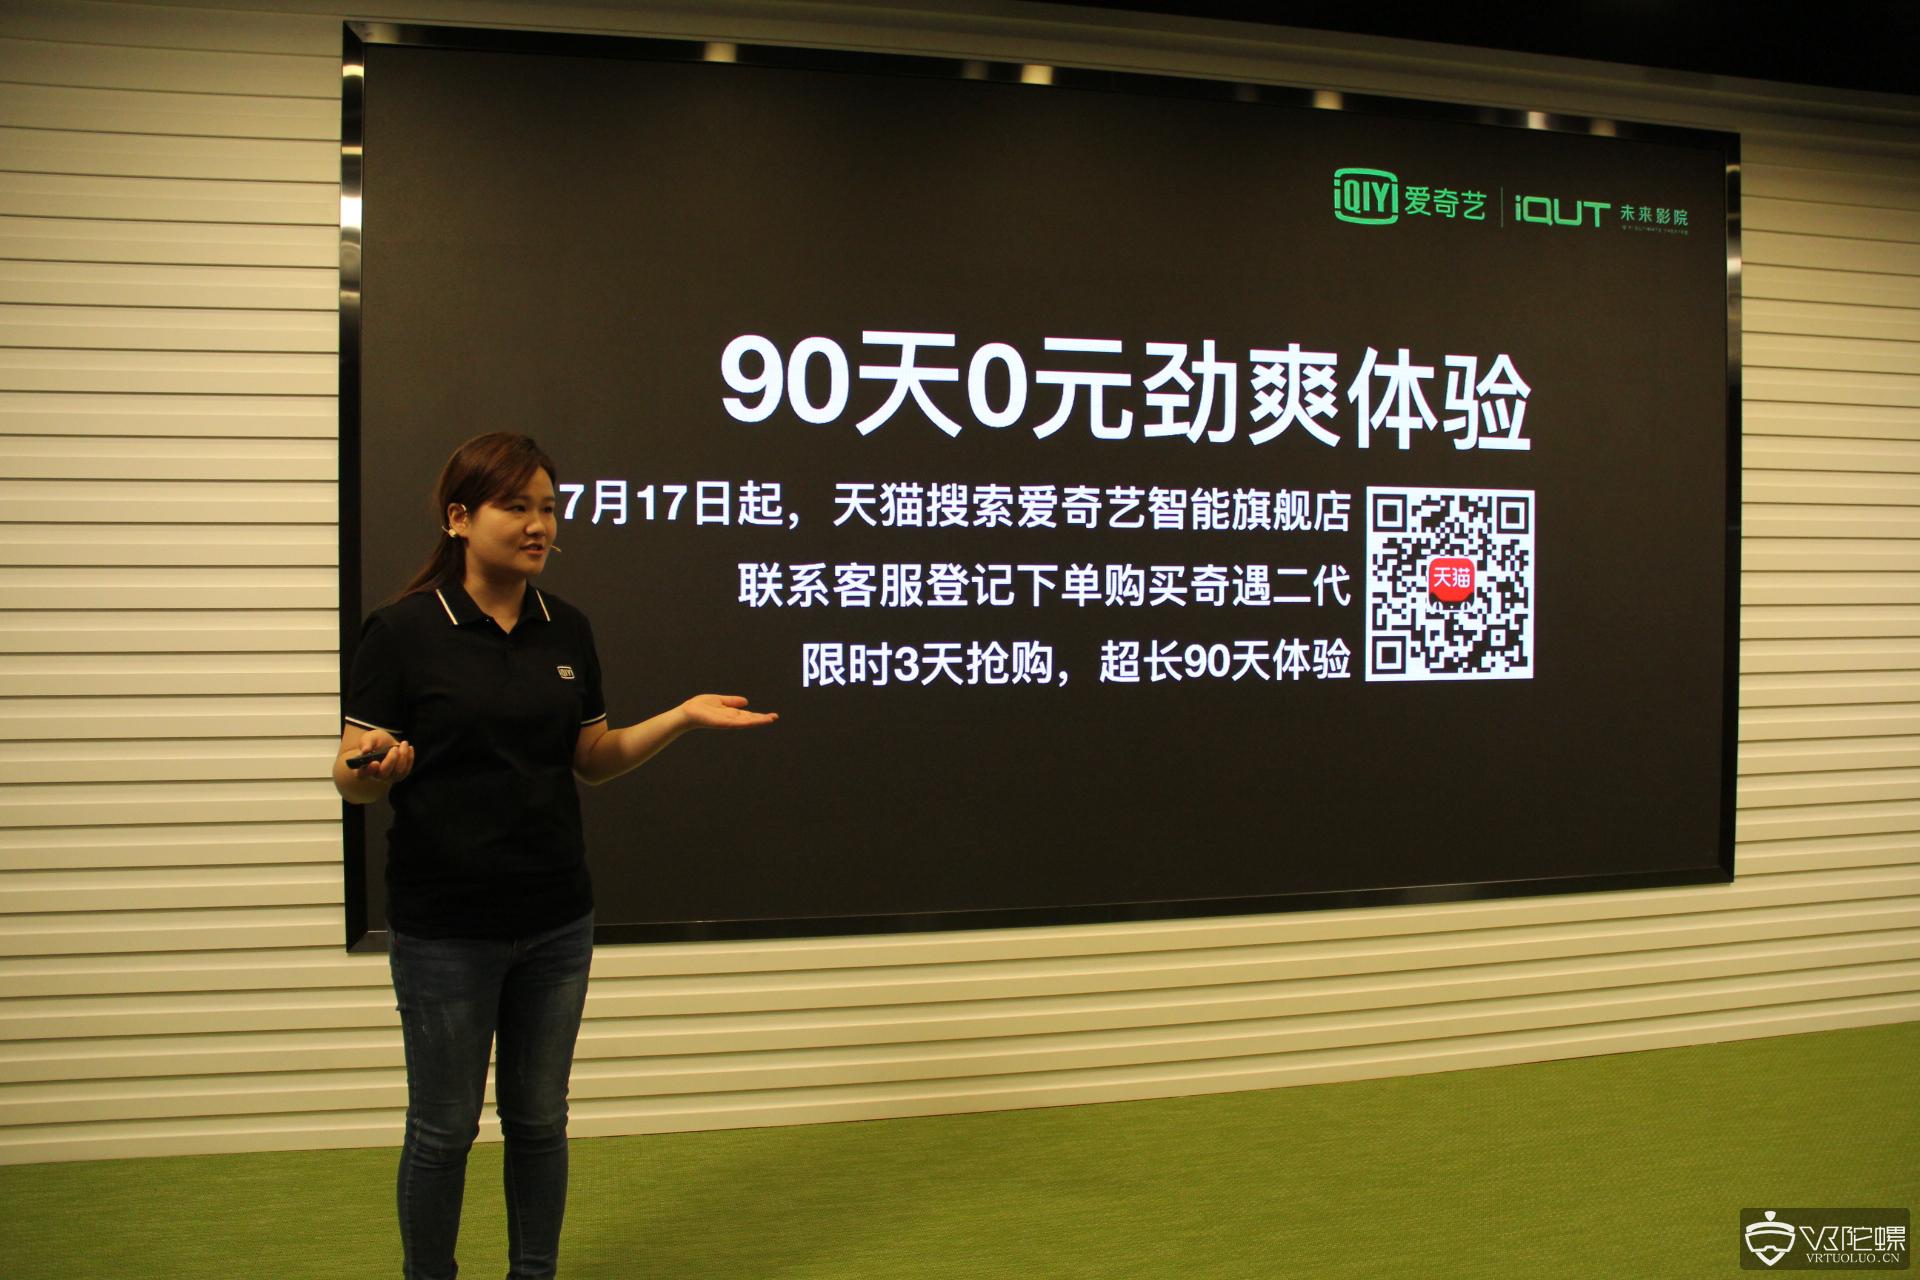 """爱奇艺iQUT未来影院发布""""超级用户计划"""",支持iQUT Space多人社交"""